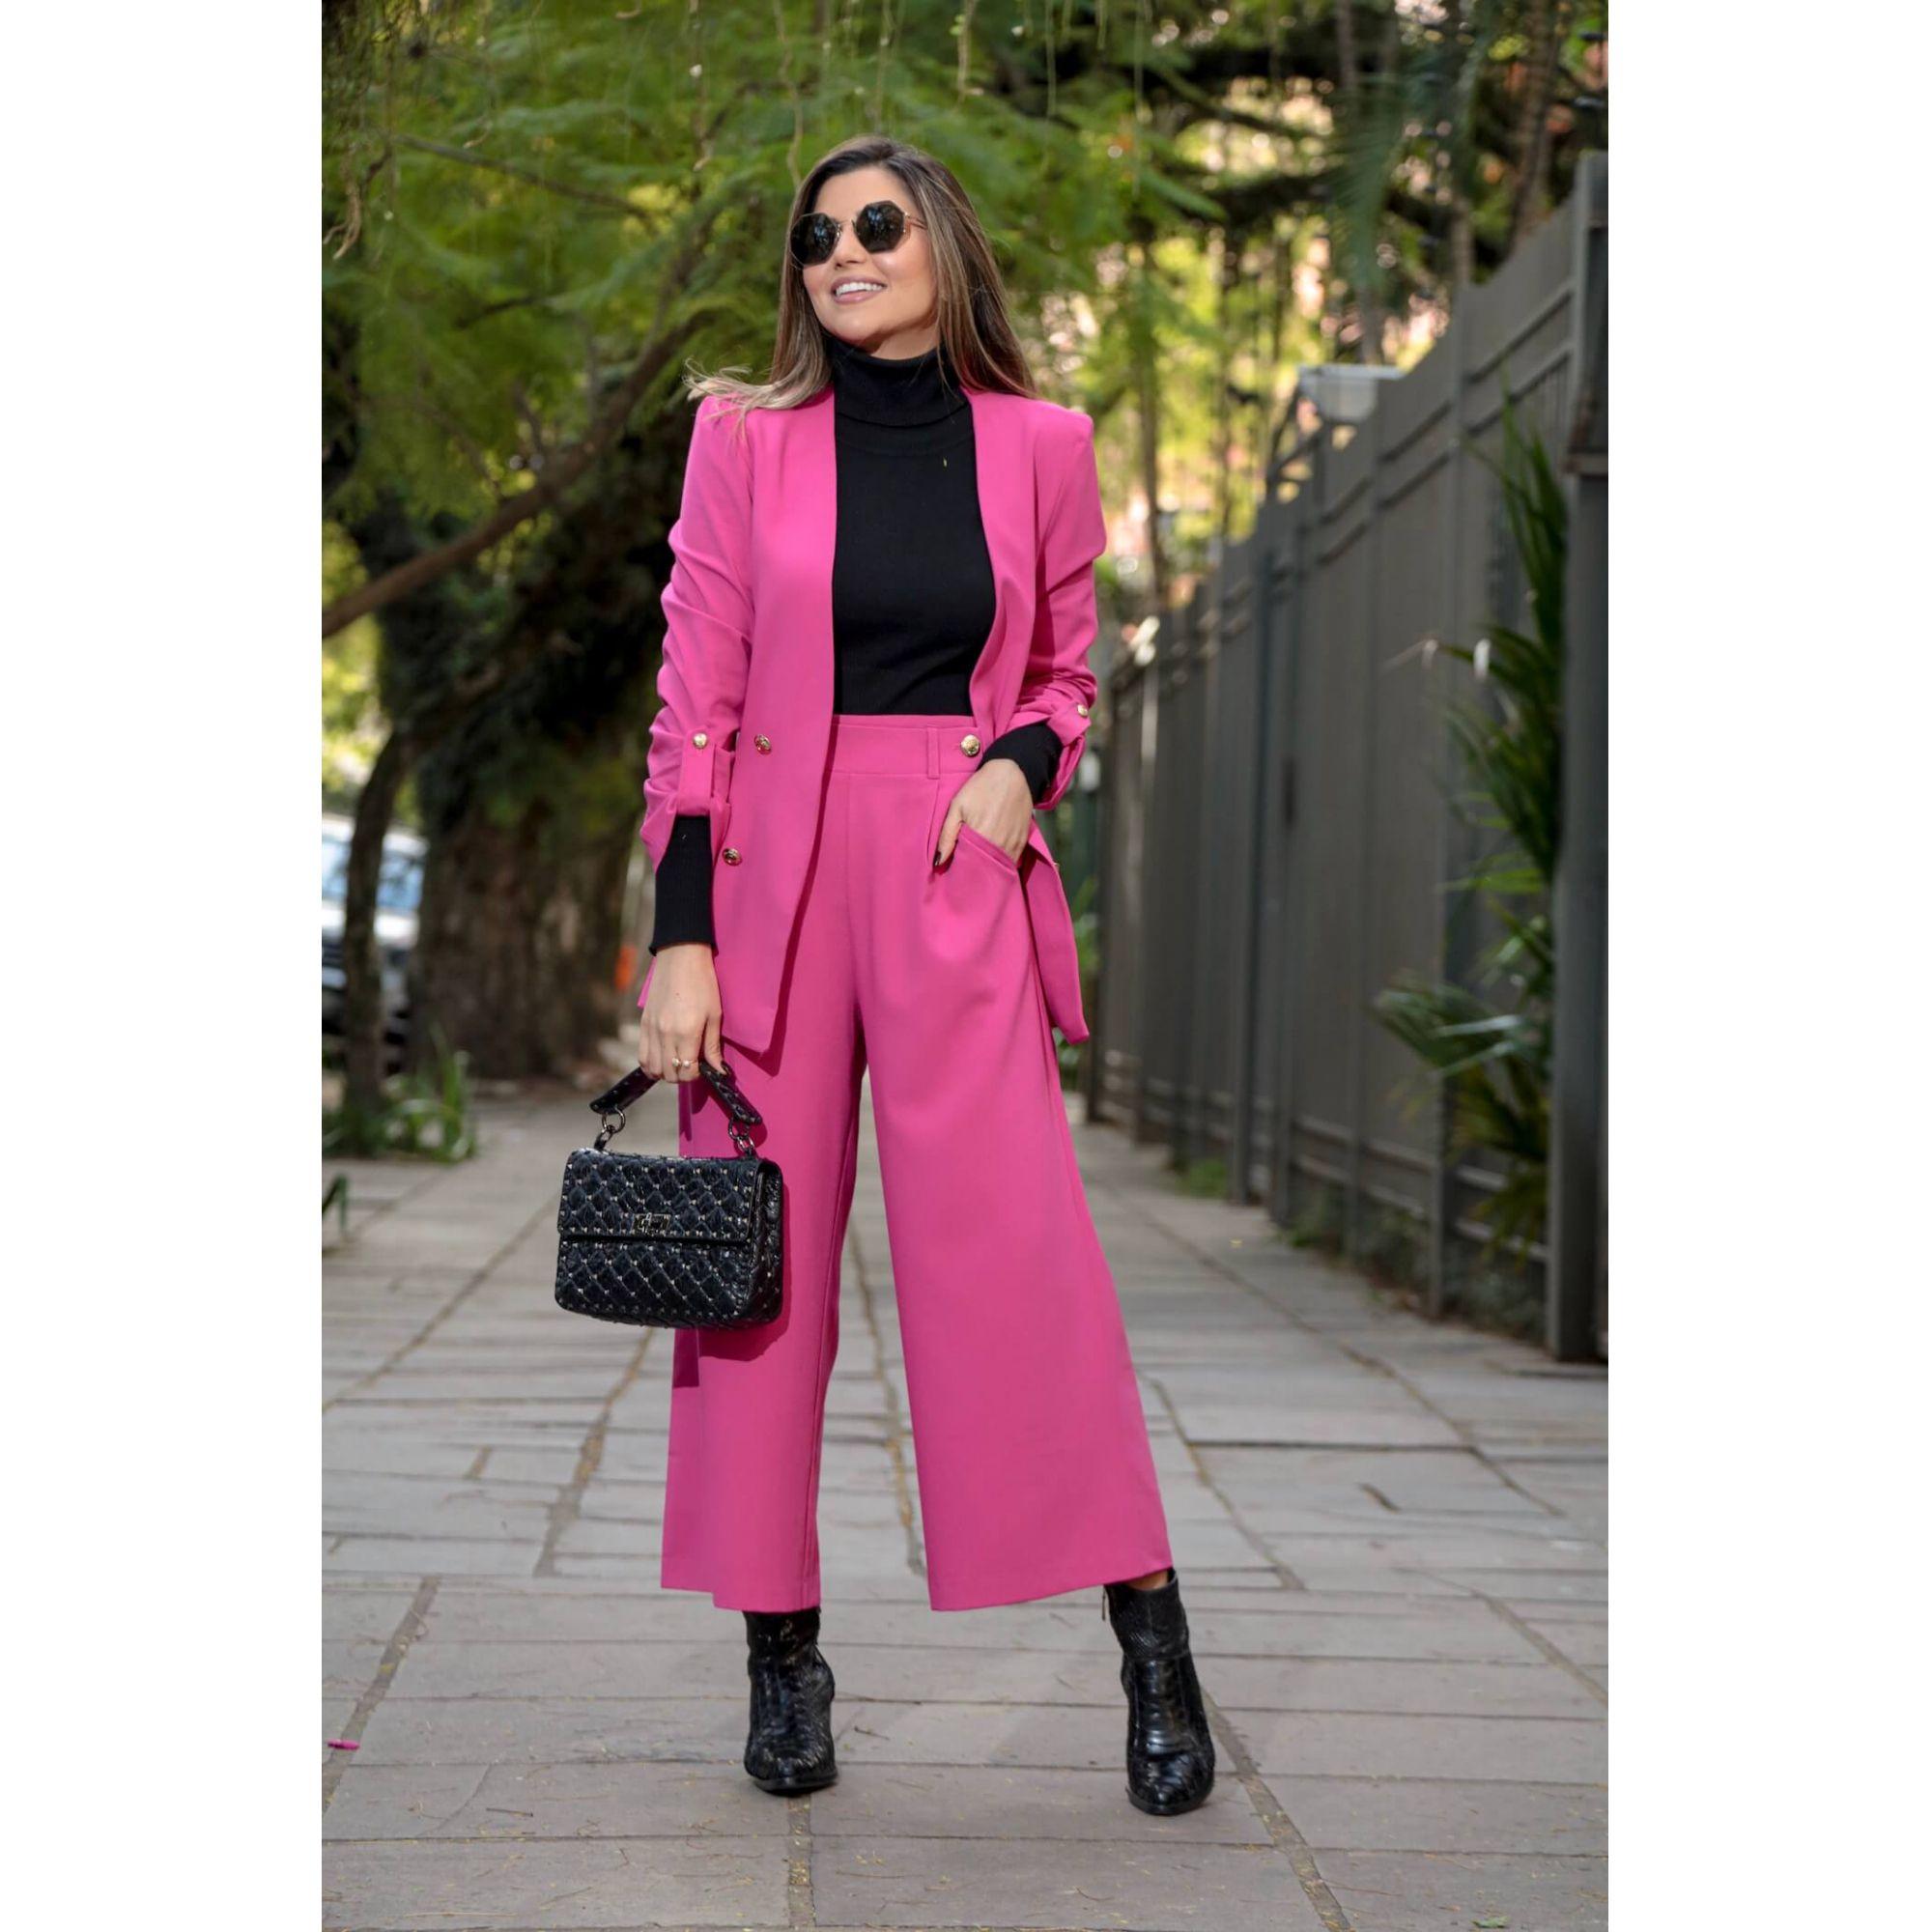 Blazer Feminino Alongado com Botões Manga 3/4 Alfaiataria Rosa Pink